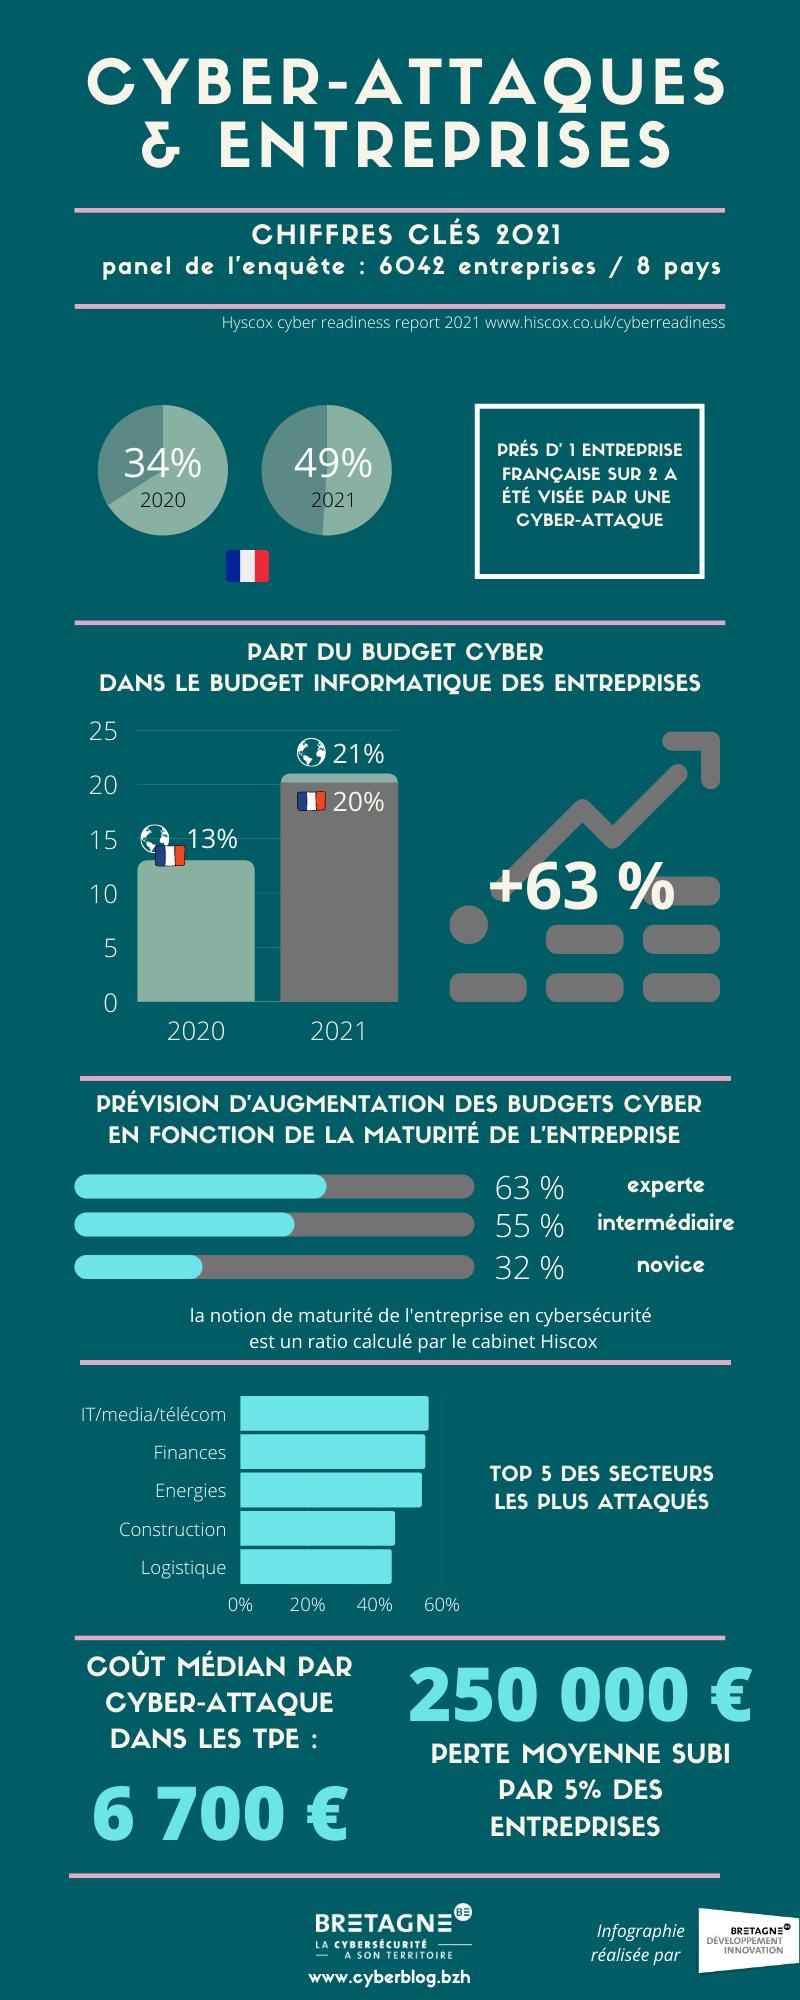 Chiffres clés de la cyber et des entreprises